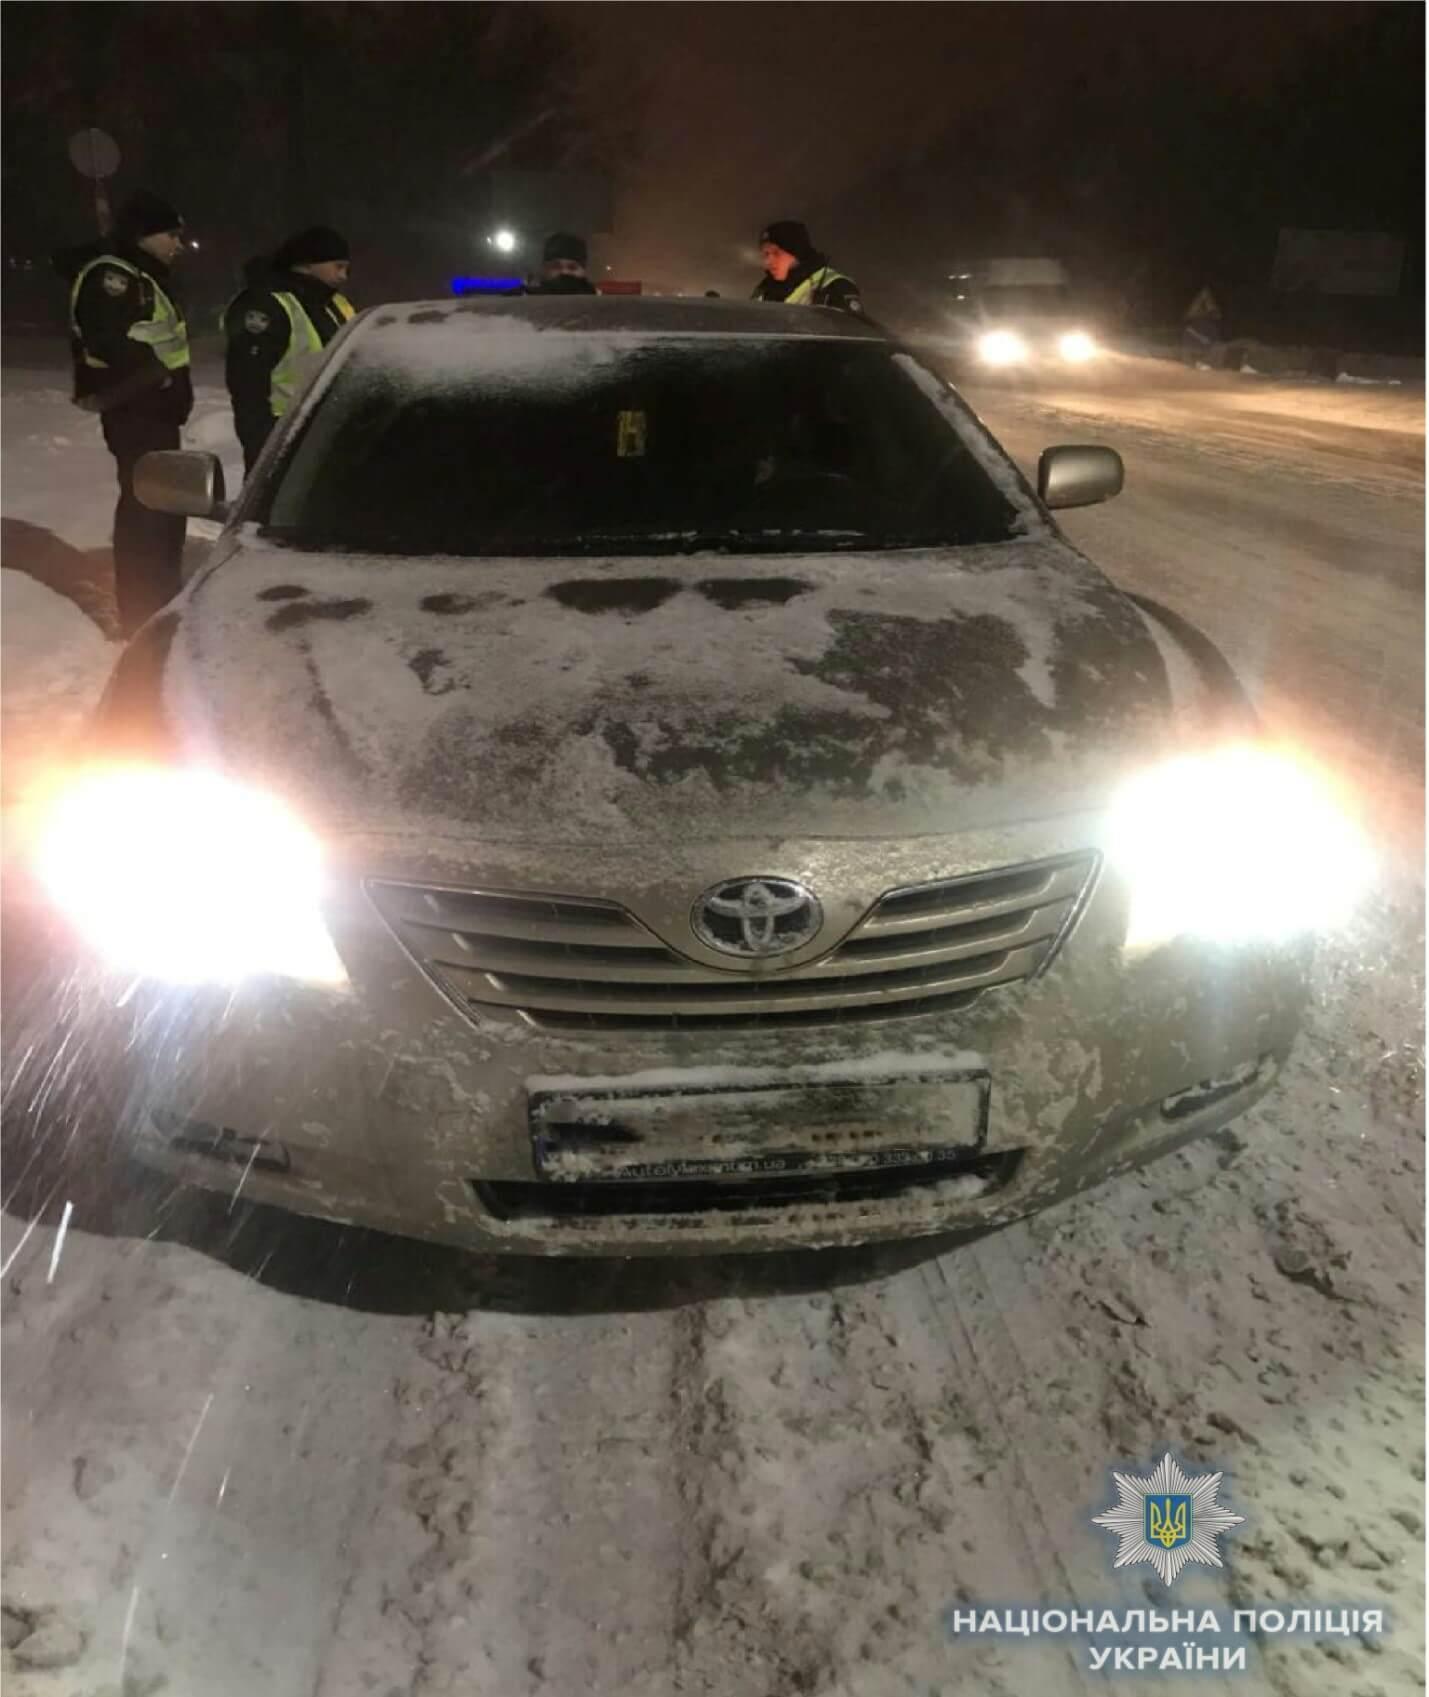 Штрикнули ножем і викрали авто: в Києві напали на таксиста